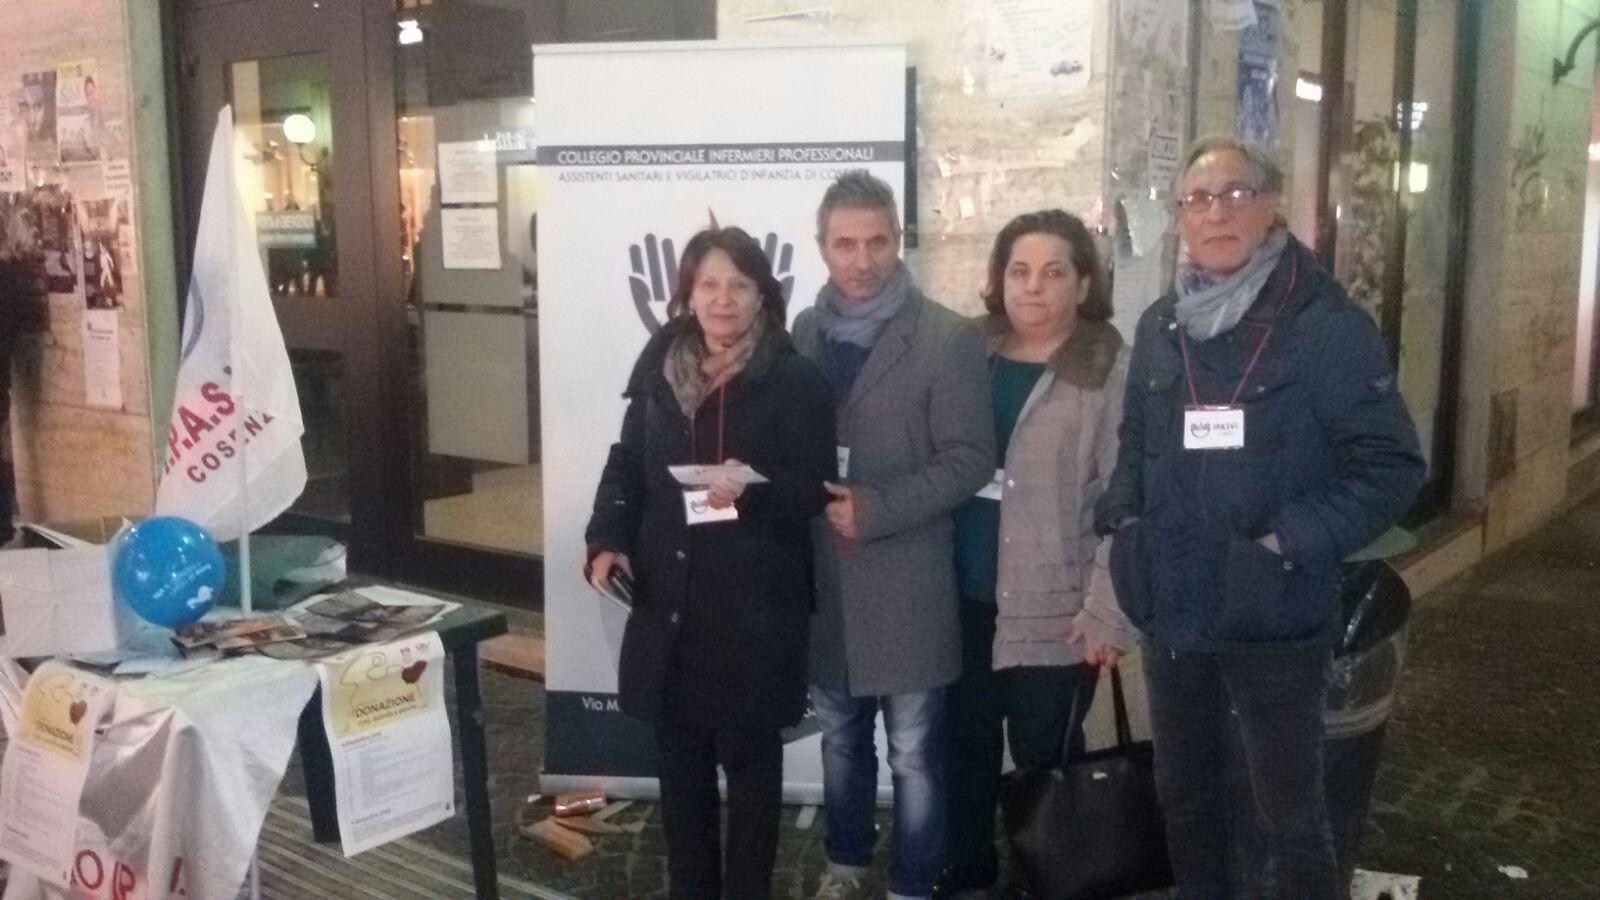 Giornata della Donazione, iniziativa a Cosenza con Ipasvi e Csv